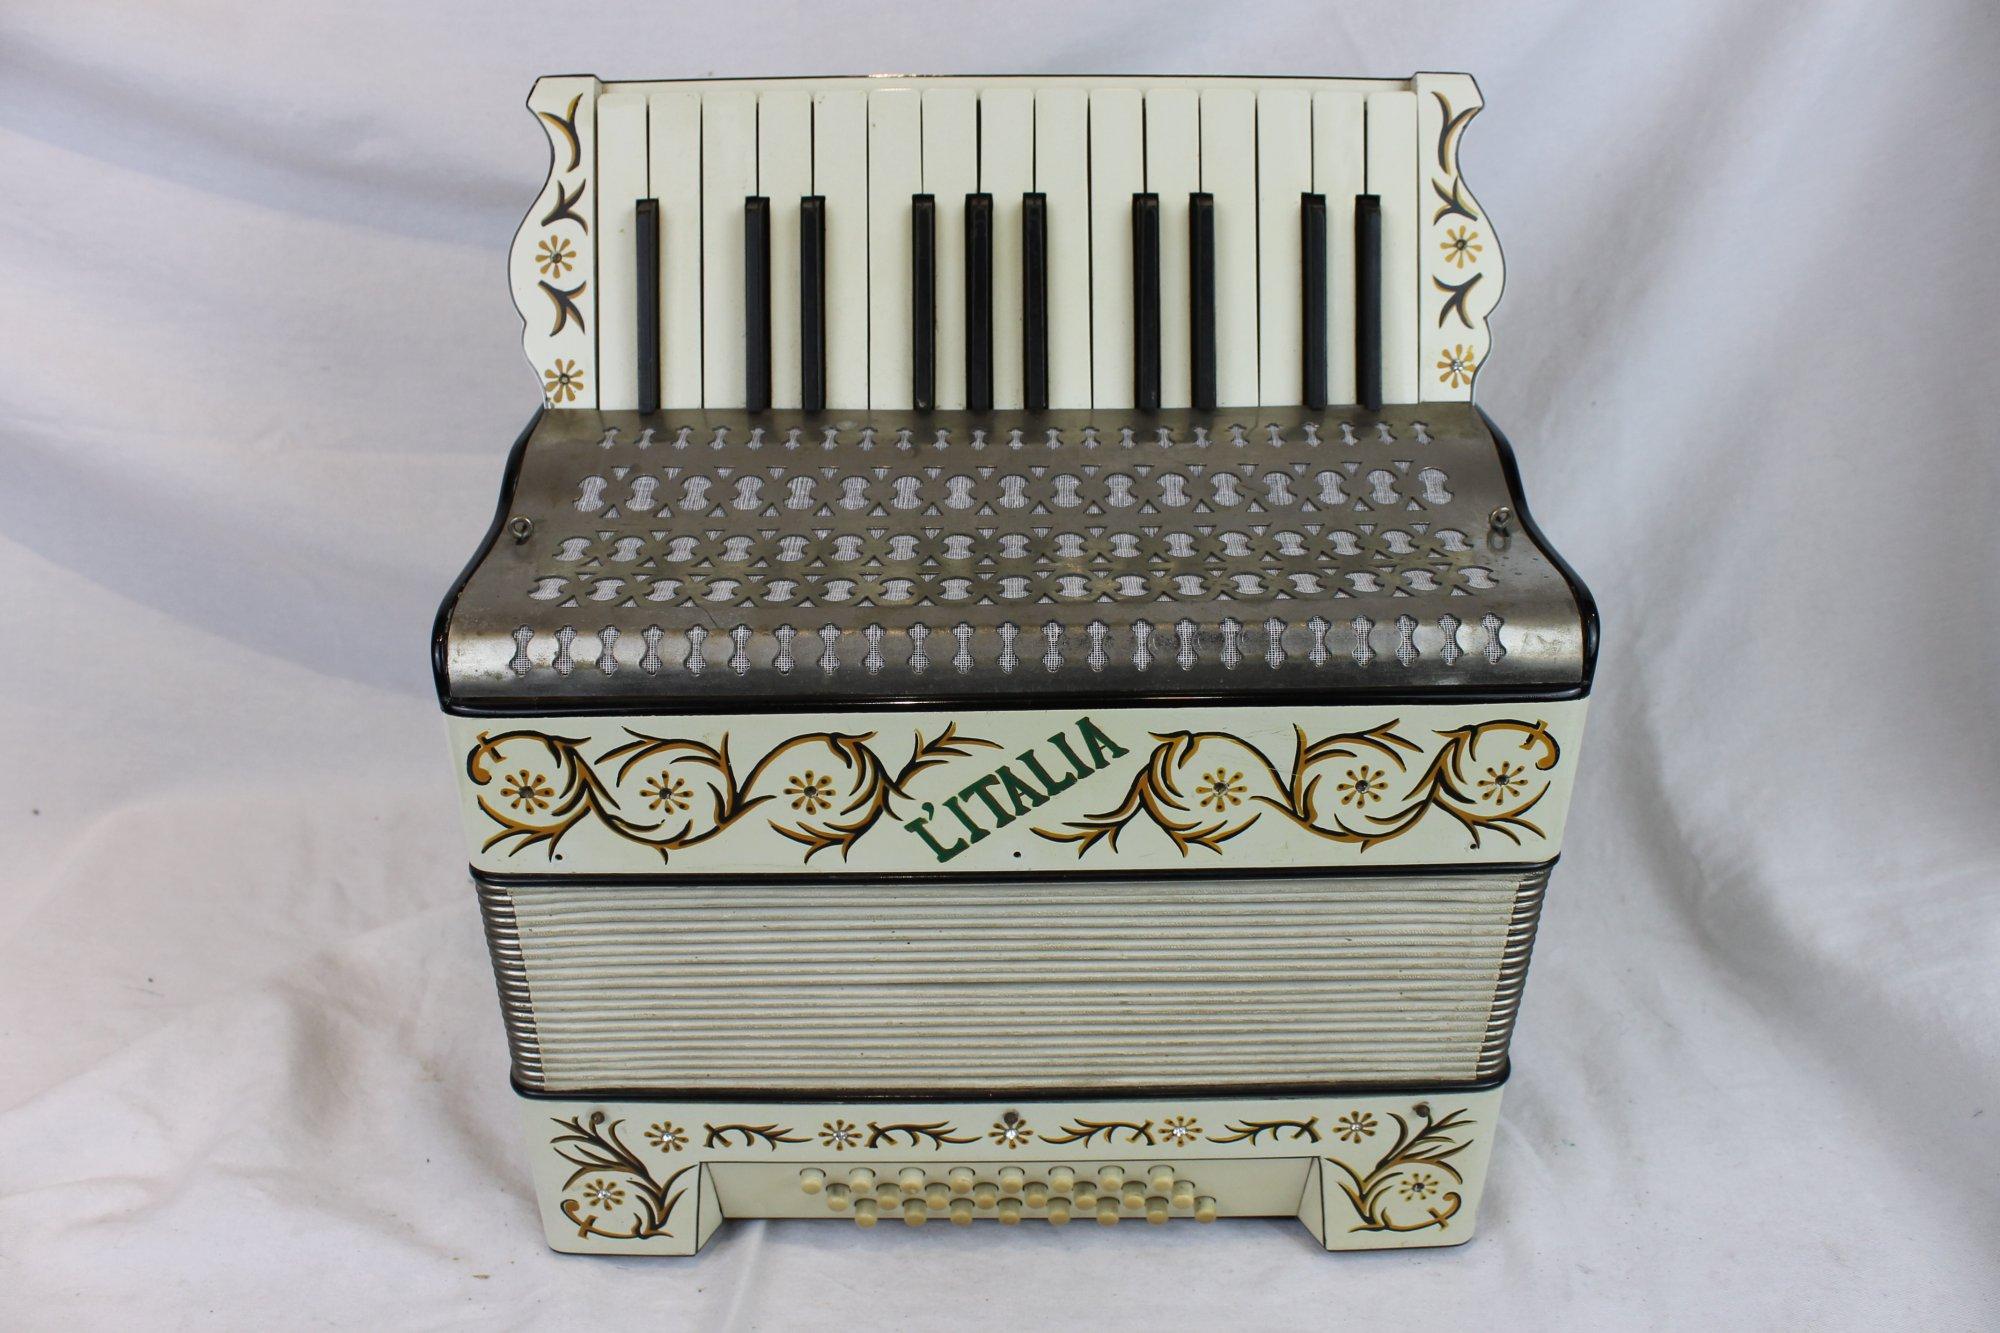 6083 - Cream L'Italia Piano Accordion 25 24 - For Parts or Repair